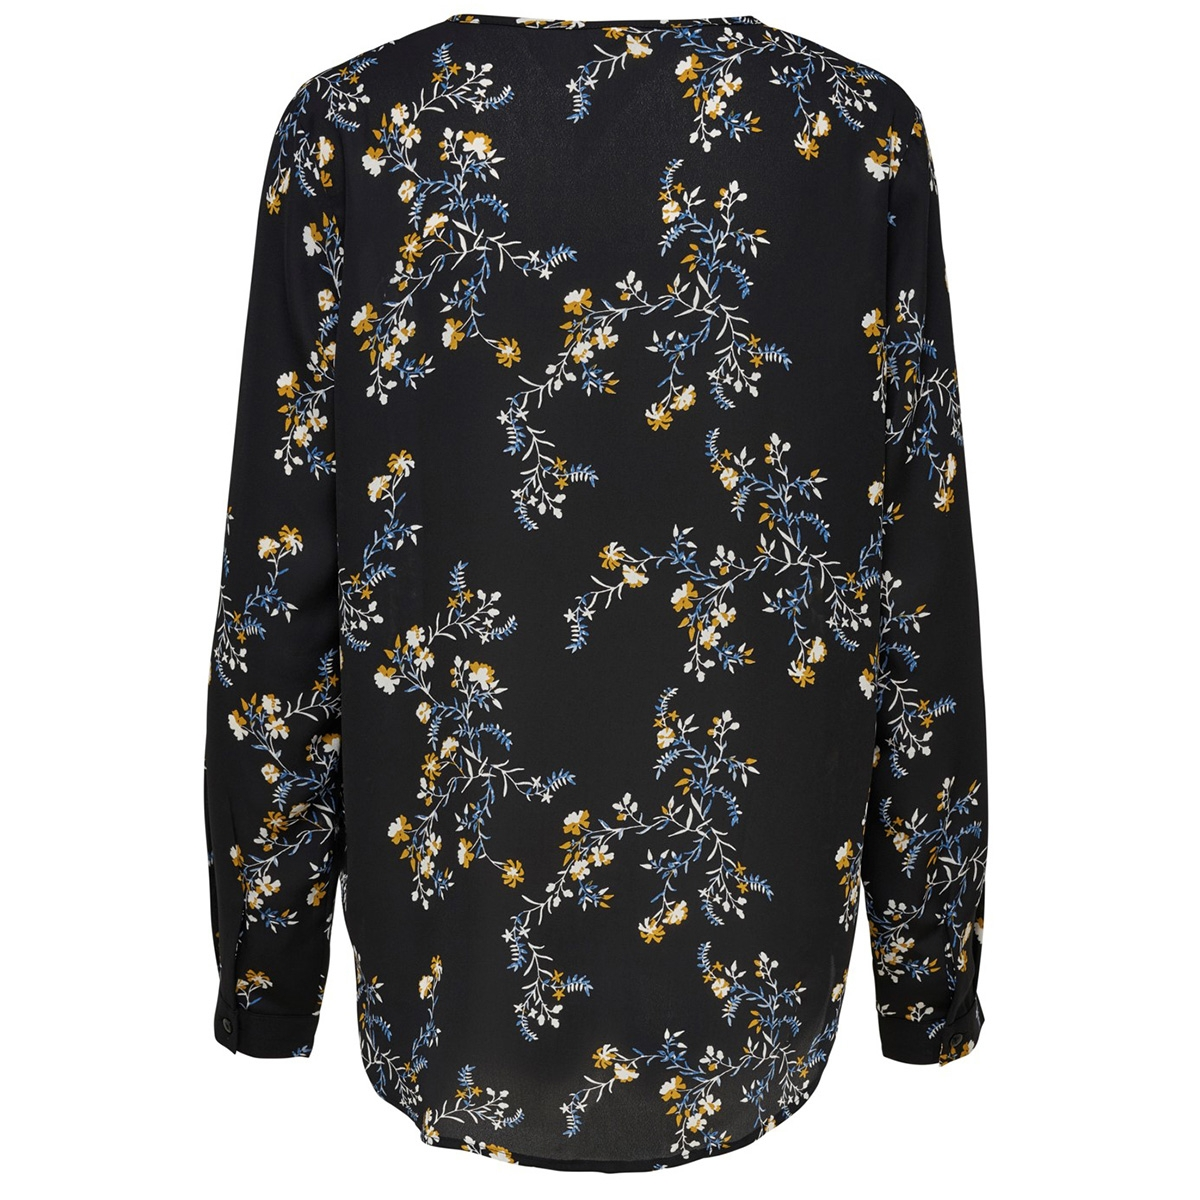 jdyzoey treats l/s v-neck blouse wv 15181124 jacqueline de yong blouse black/fall flower